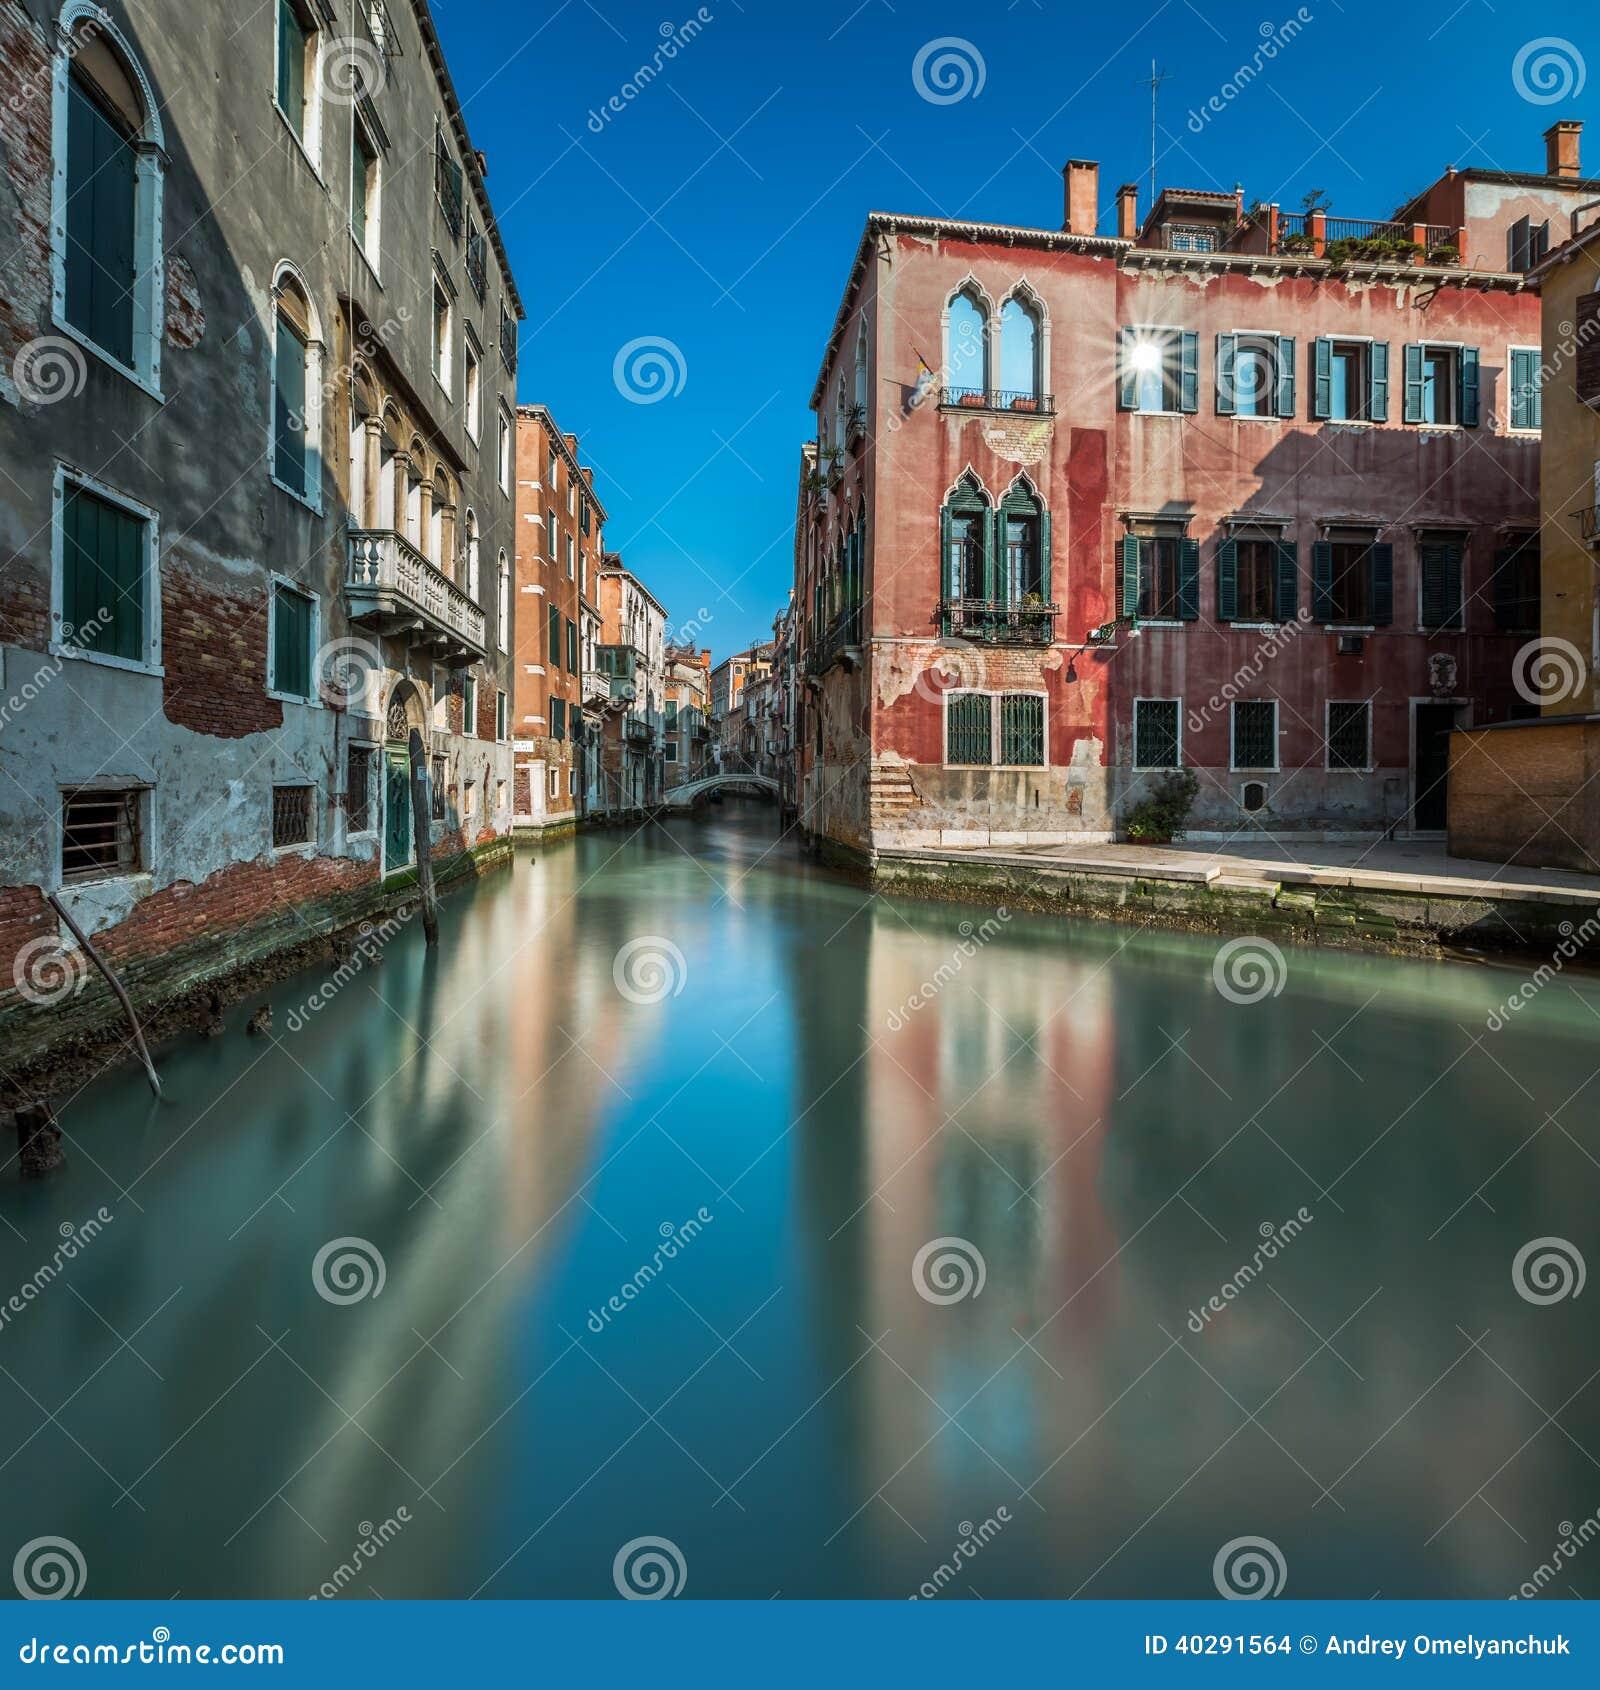 Типичный канал, мост и исторические здания